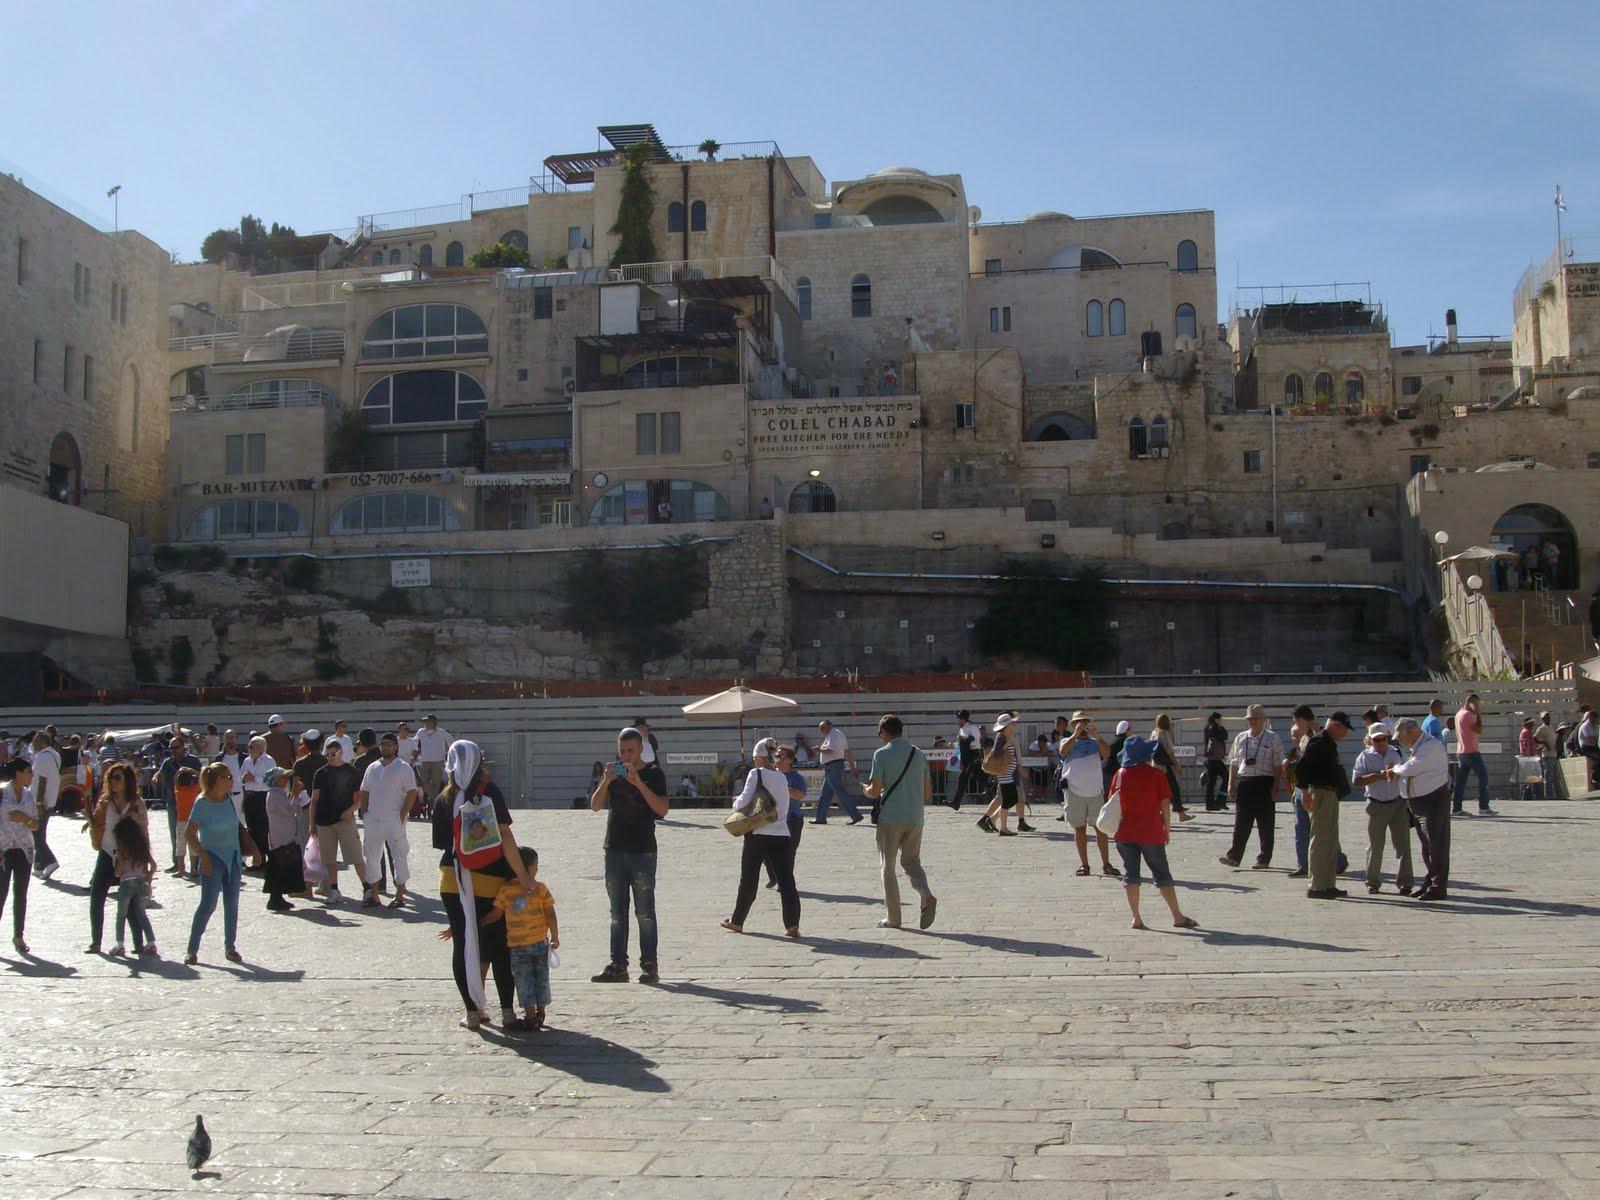 корпоративных город танжер фото еврейского квартала плести крокусы бисера